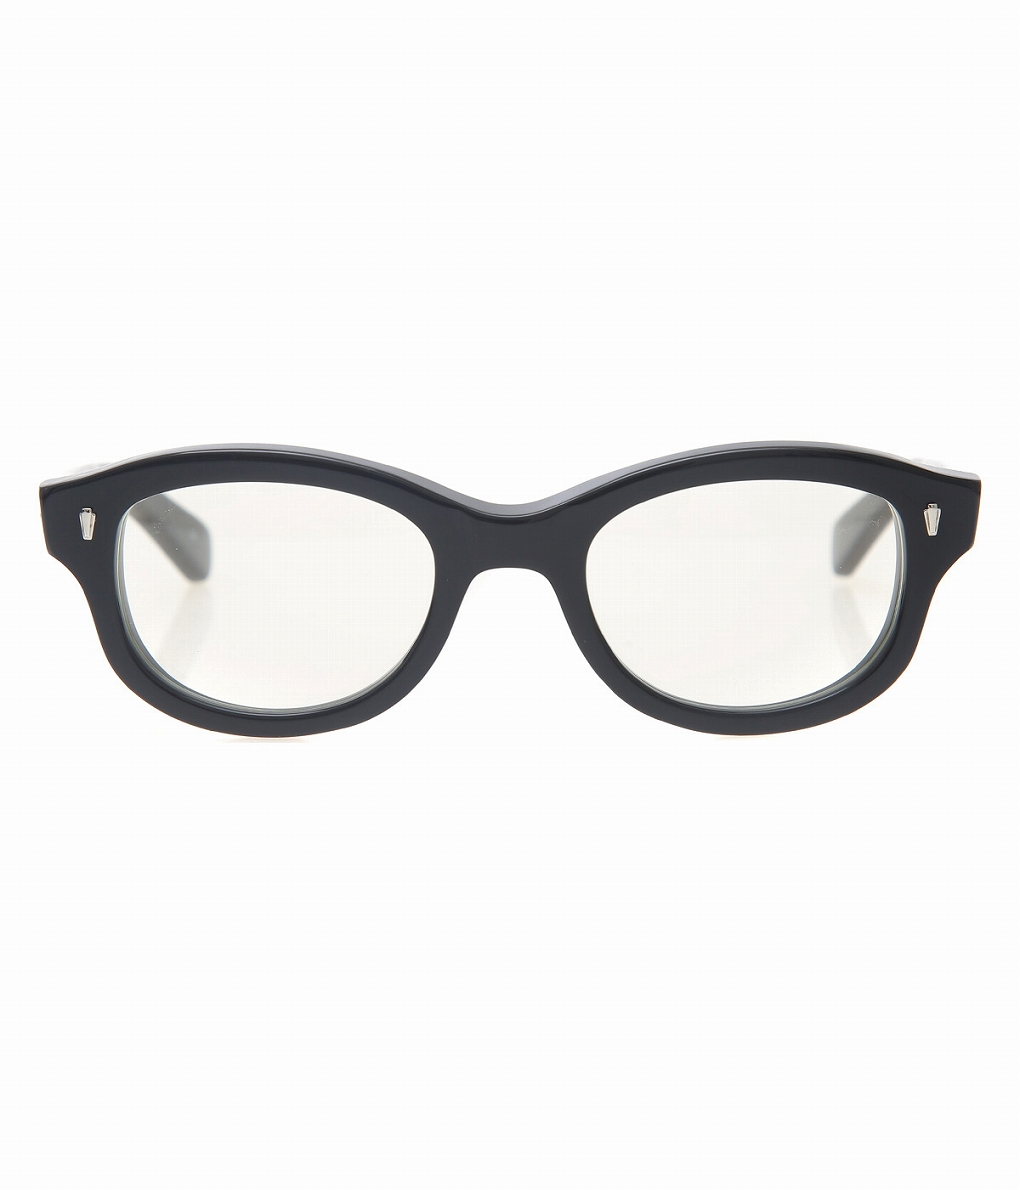 EFFECTOR / エフェクター : lento: メガネ 眼鏡 ケース 伊達眼鏡 クリアレンズ: lento【MUS】